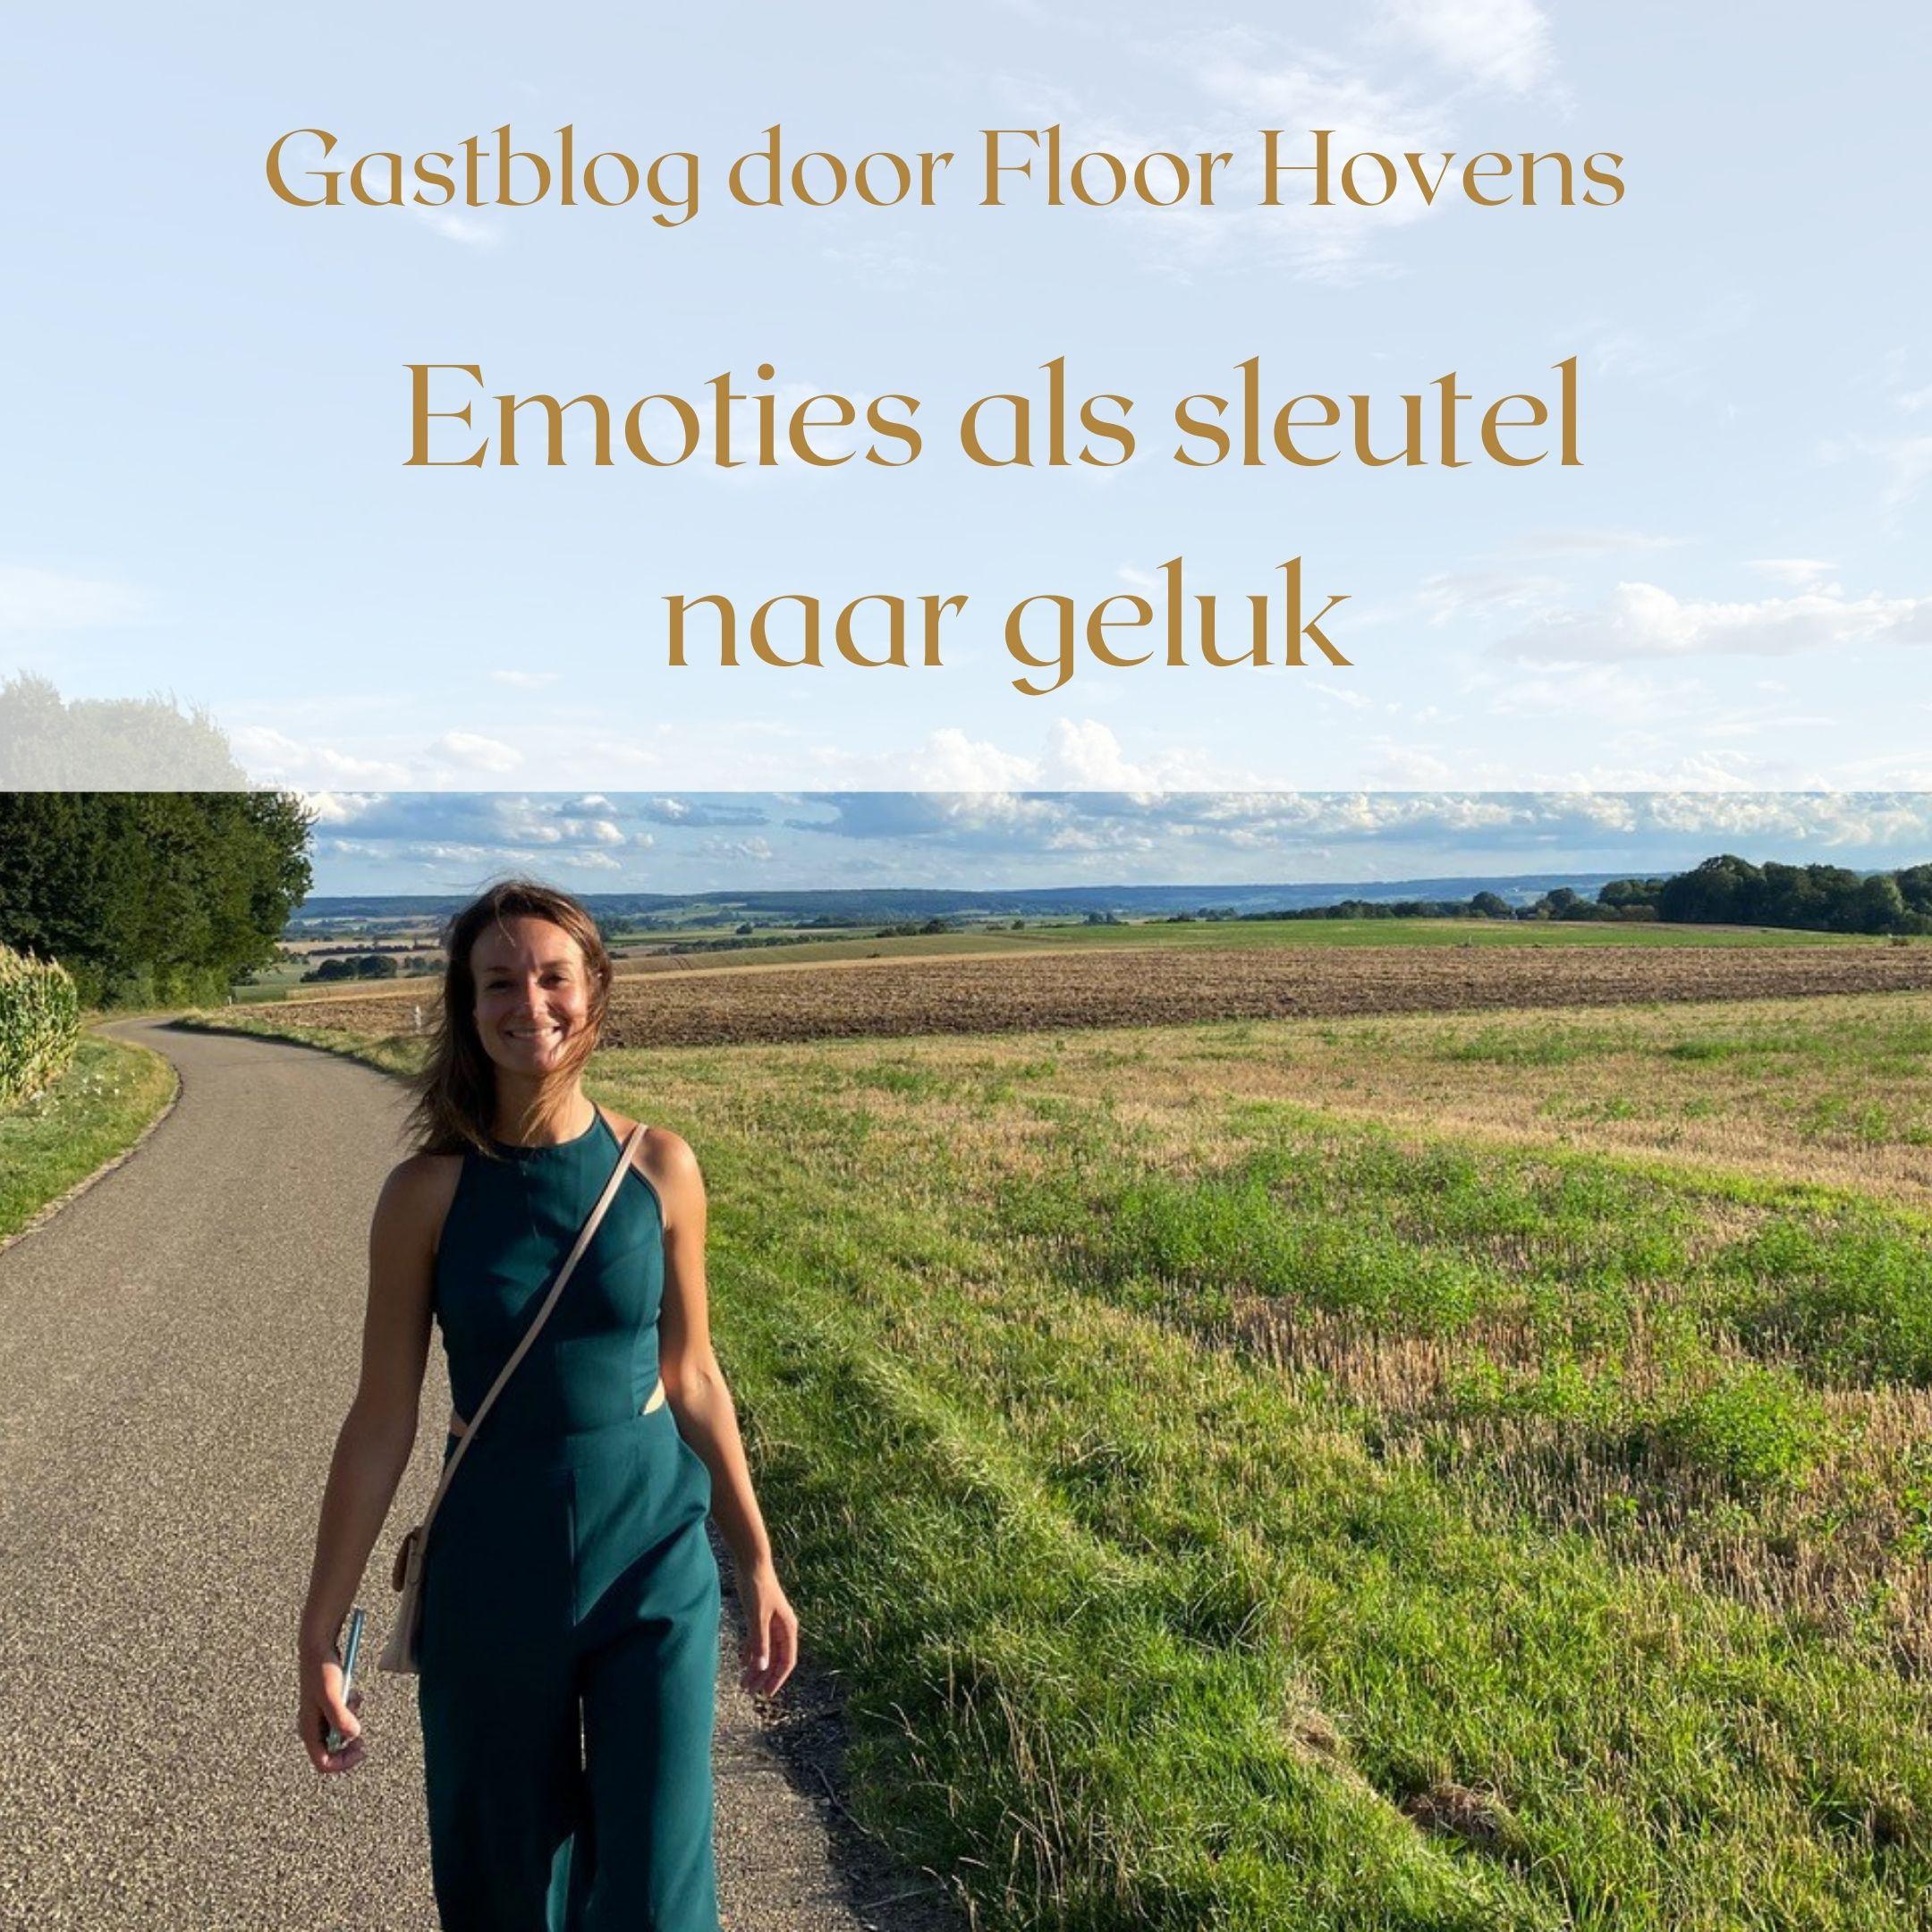 Emoties als sleutel naar geluk